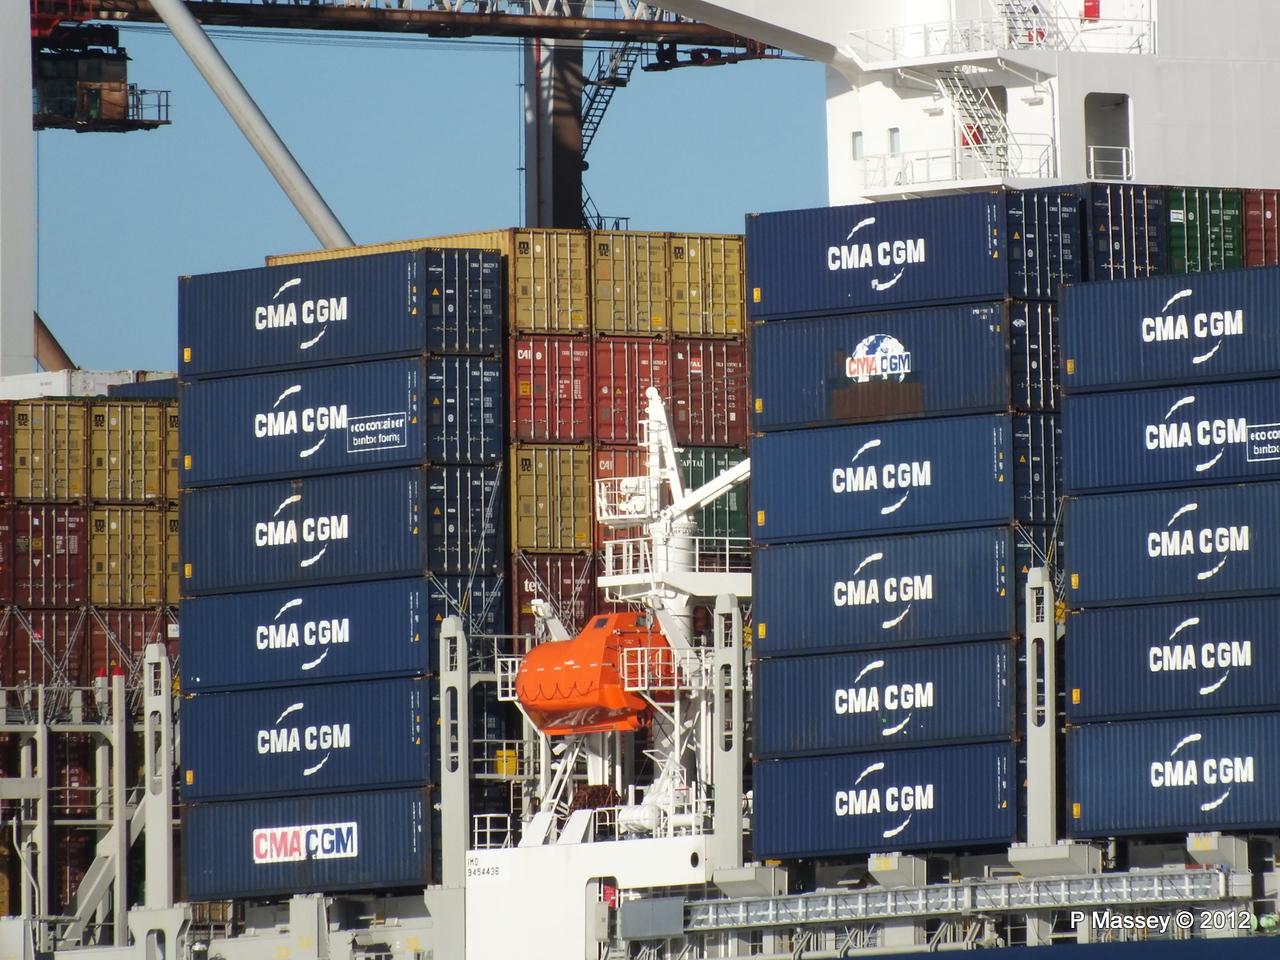 CMA CGM MARCO POLO Southampton PDM 10-12-2012 13-20-56